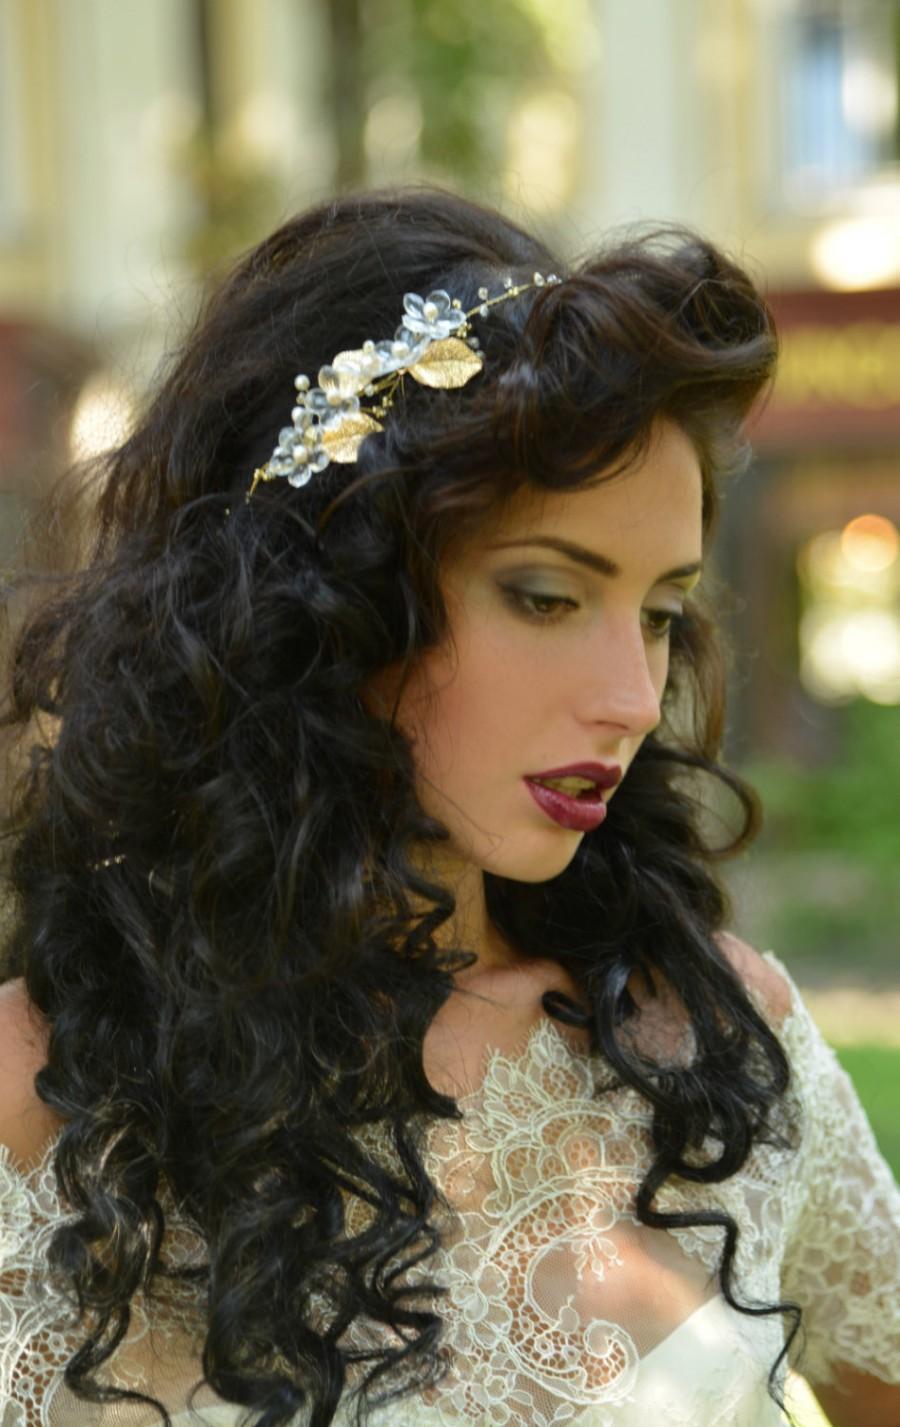 زفاف - Pearl crown, Pearl bridal wedding tiara, Head piece bohemian, Tiara crown, Wedding tiara bridal, Pearl tiara headband, Pearl wedding.